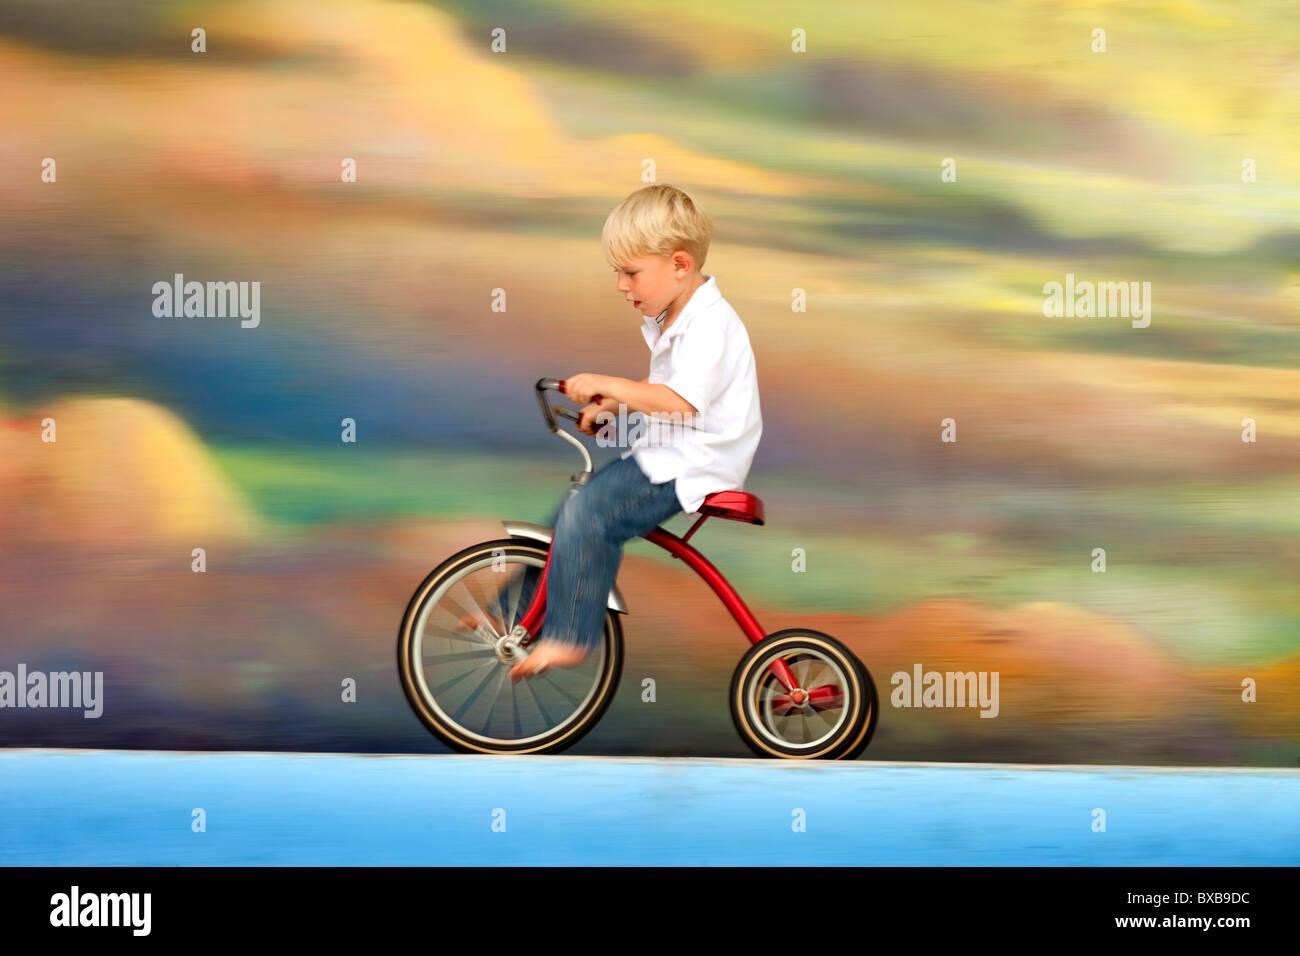 Giovane ragazzo triciclo di equitazione contro il cielo colorato con le nuvole Immagini Stock